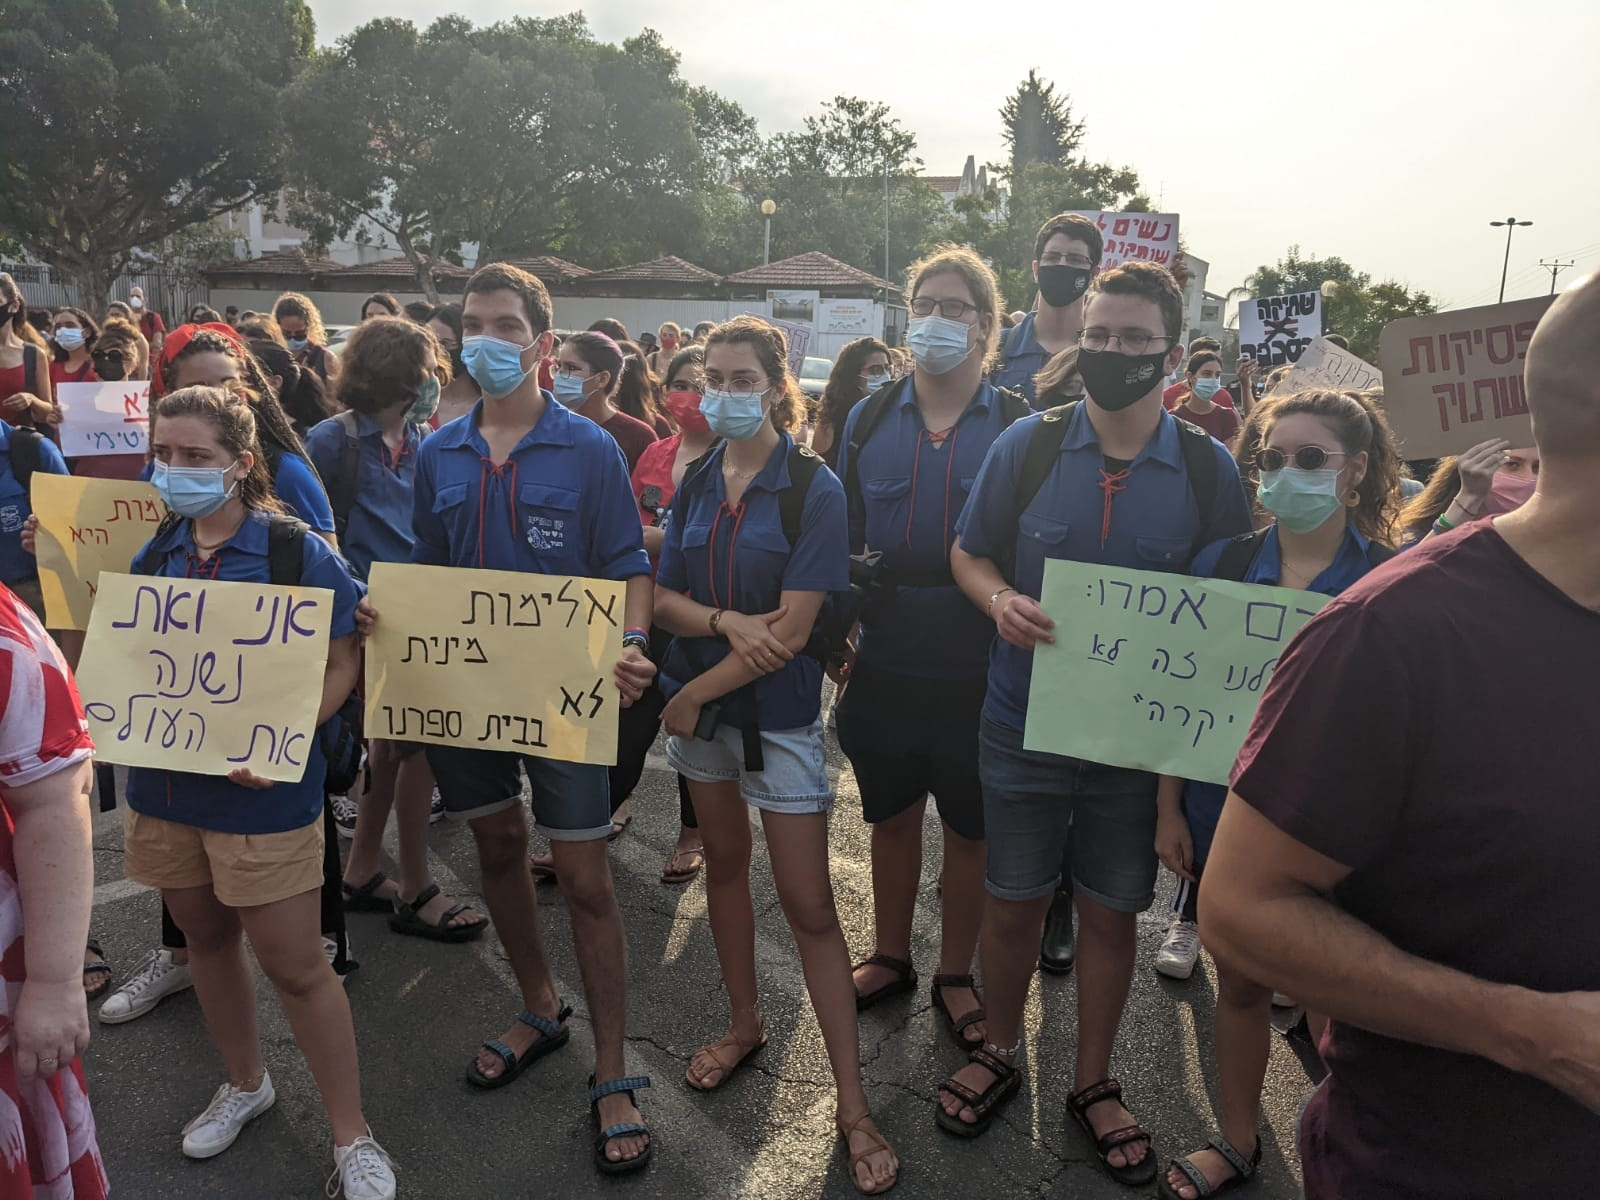 מחאת ענק הבוקר על רקע השלטים המיניים שנתלו בתיכונים בכפר סבא